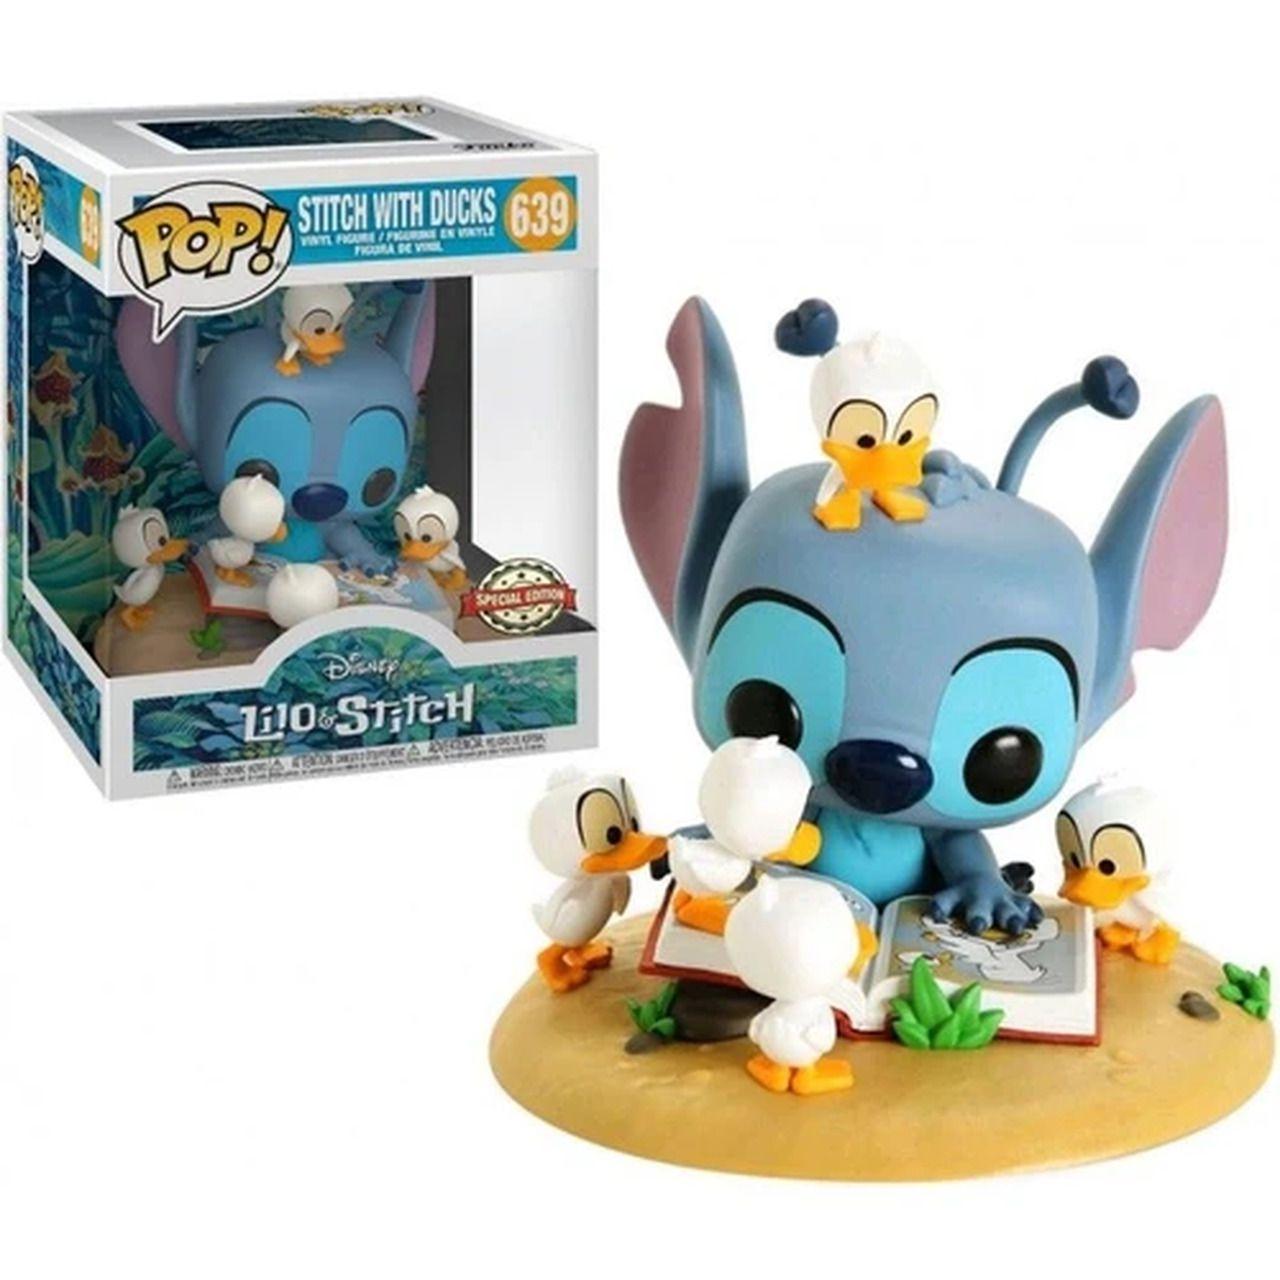 Funko Pop! Stitch com os Patinhos (With Ducks): Lilo & Stitch (Exclusivo) #639 - Funko